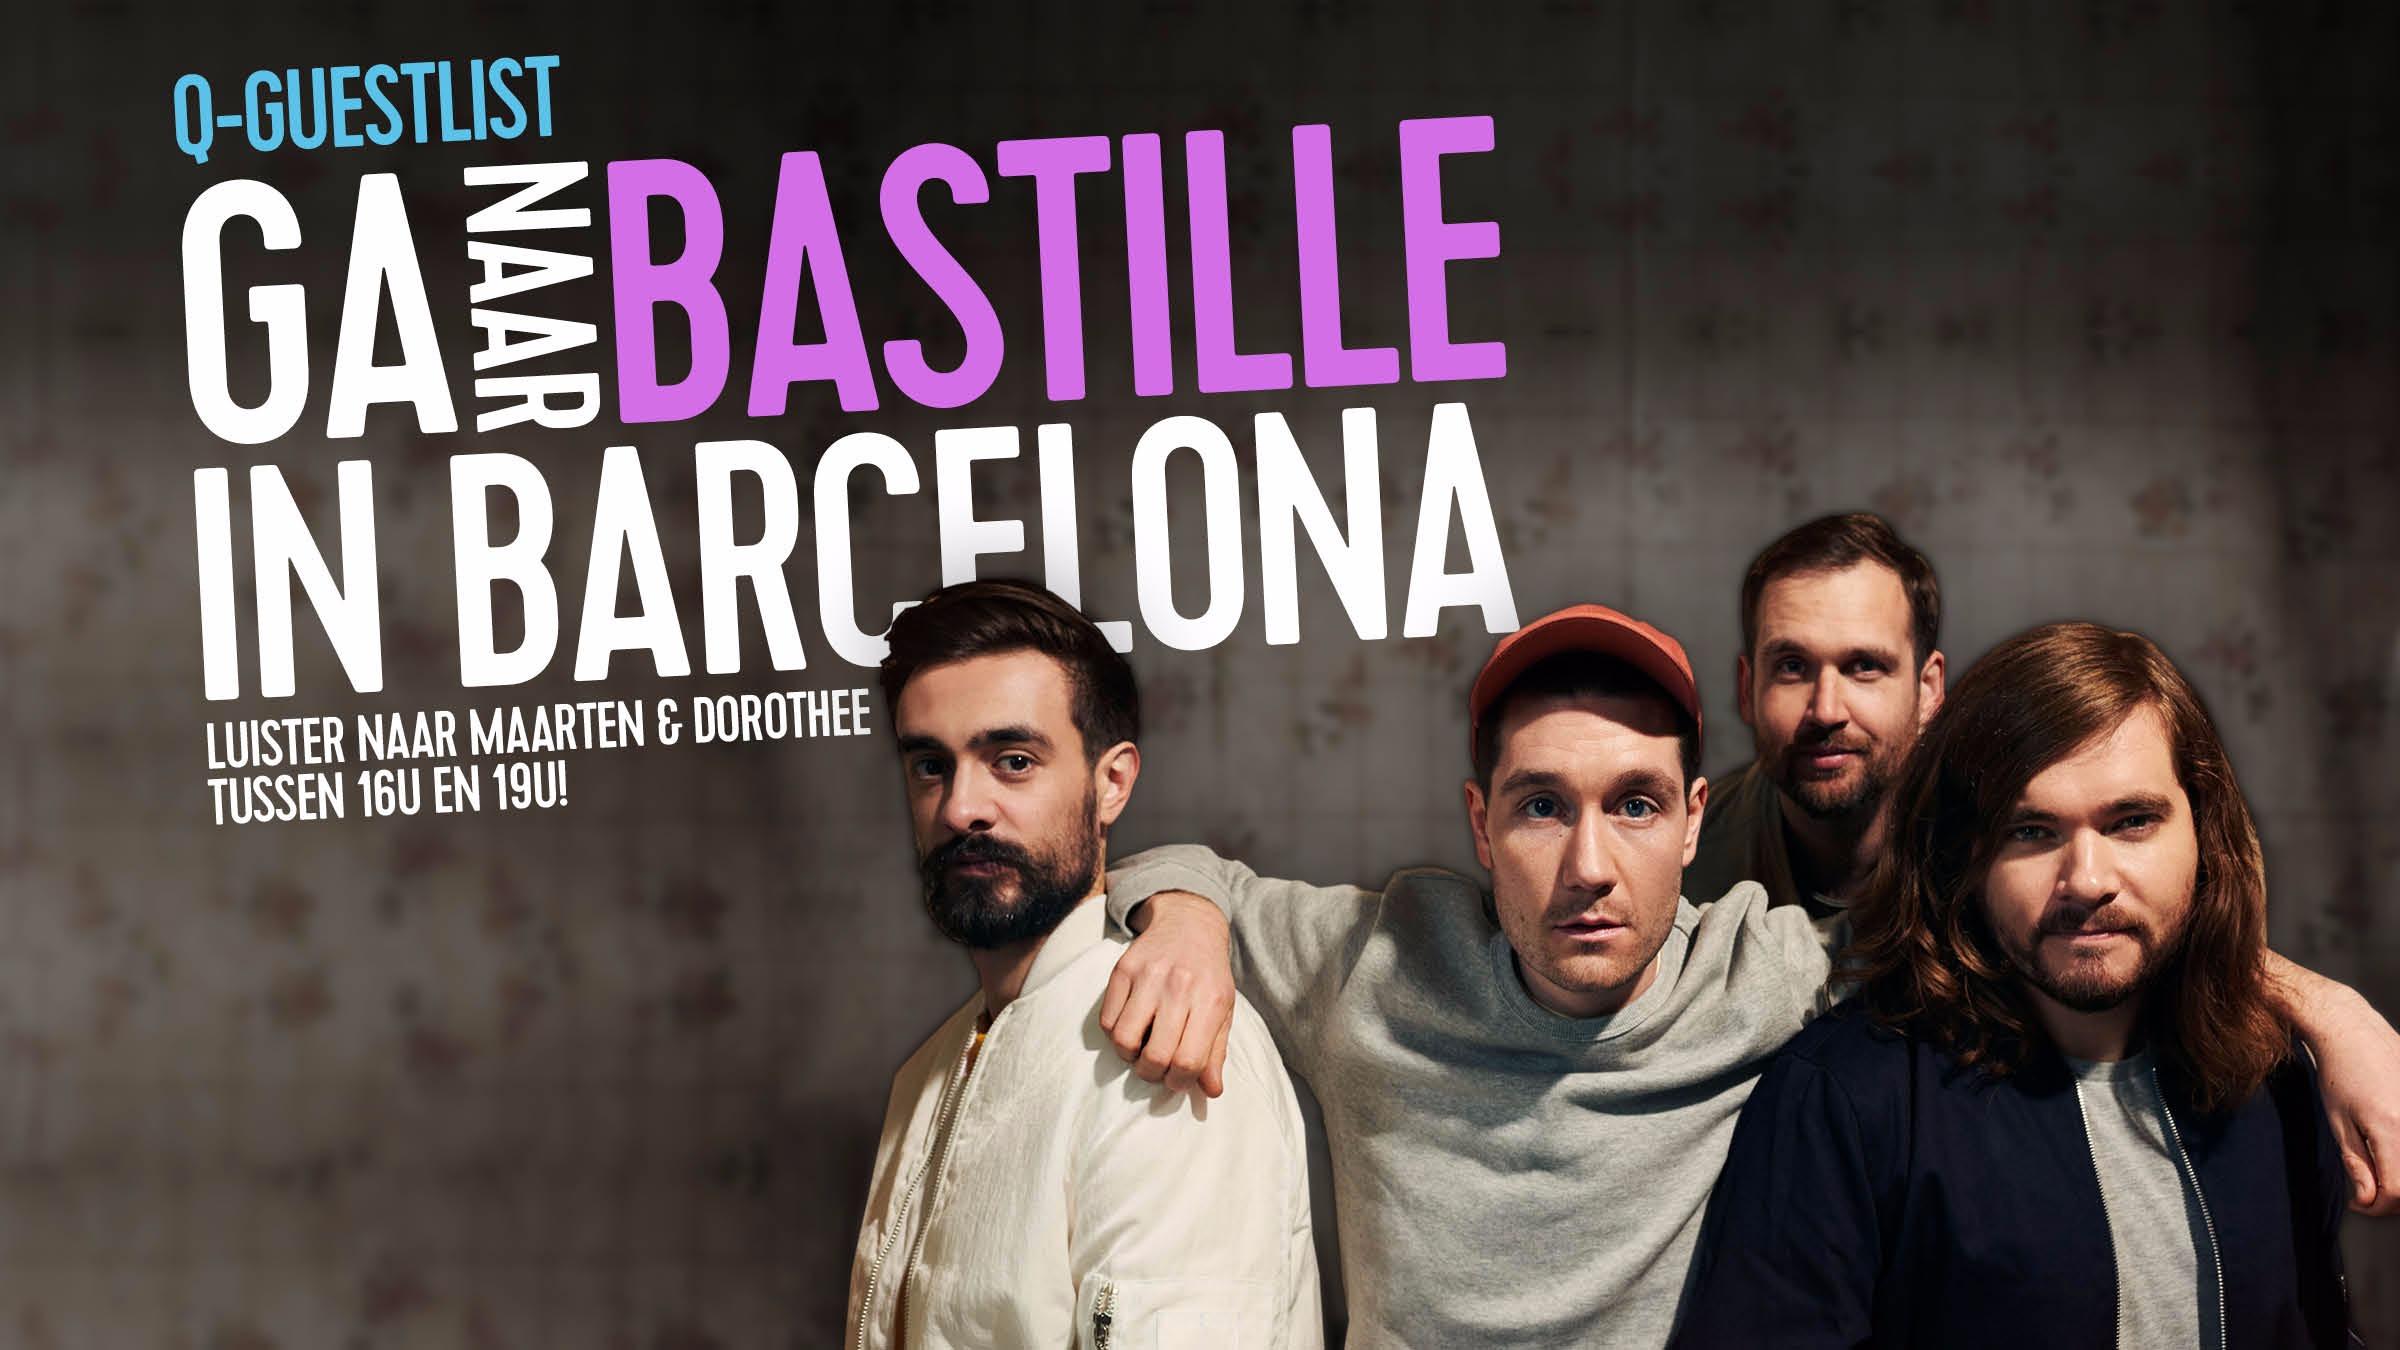 Bastille guestlist home